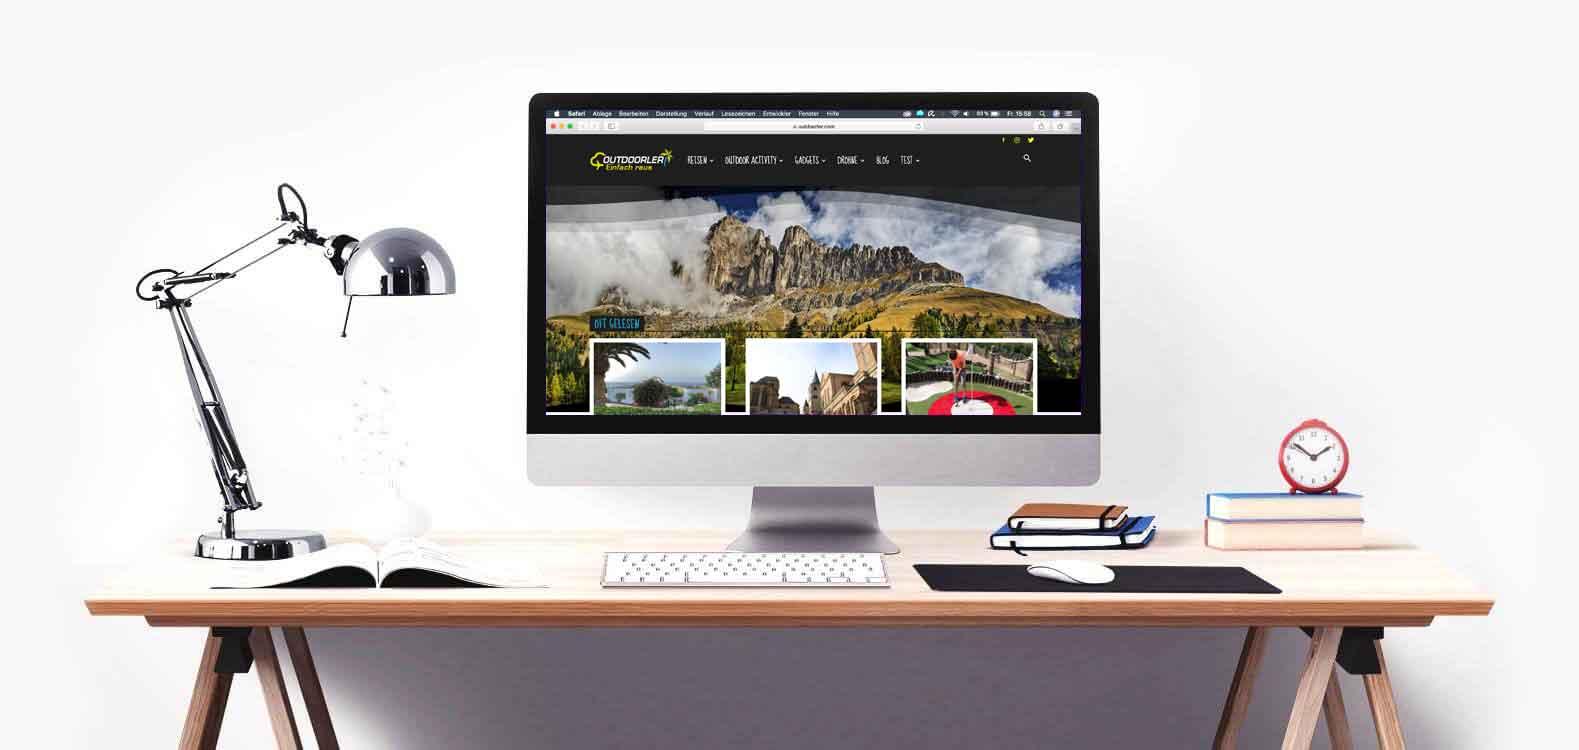 Outdoor Blog-Marketing - Ausrüstung Hotel Fremdenzimmer Pension Ferienwohnung - Rezension - Testbericht und Erfahrungsbericht